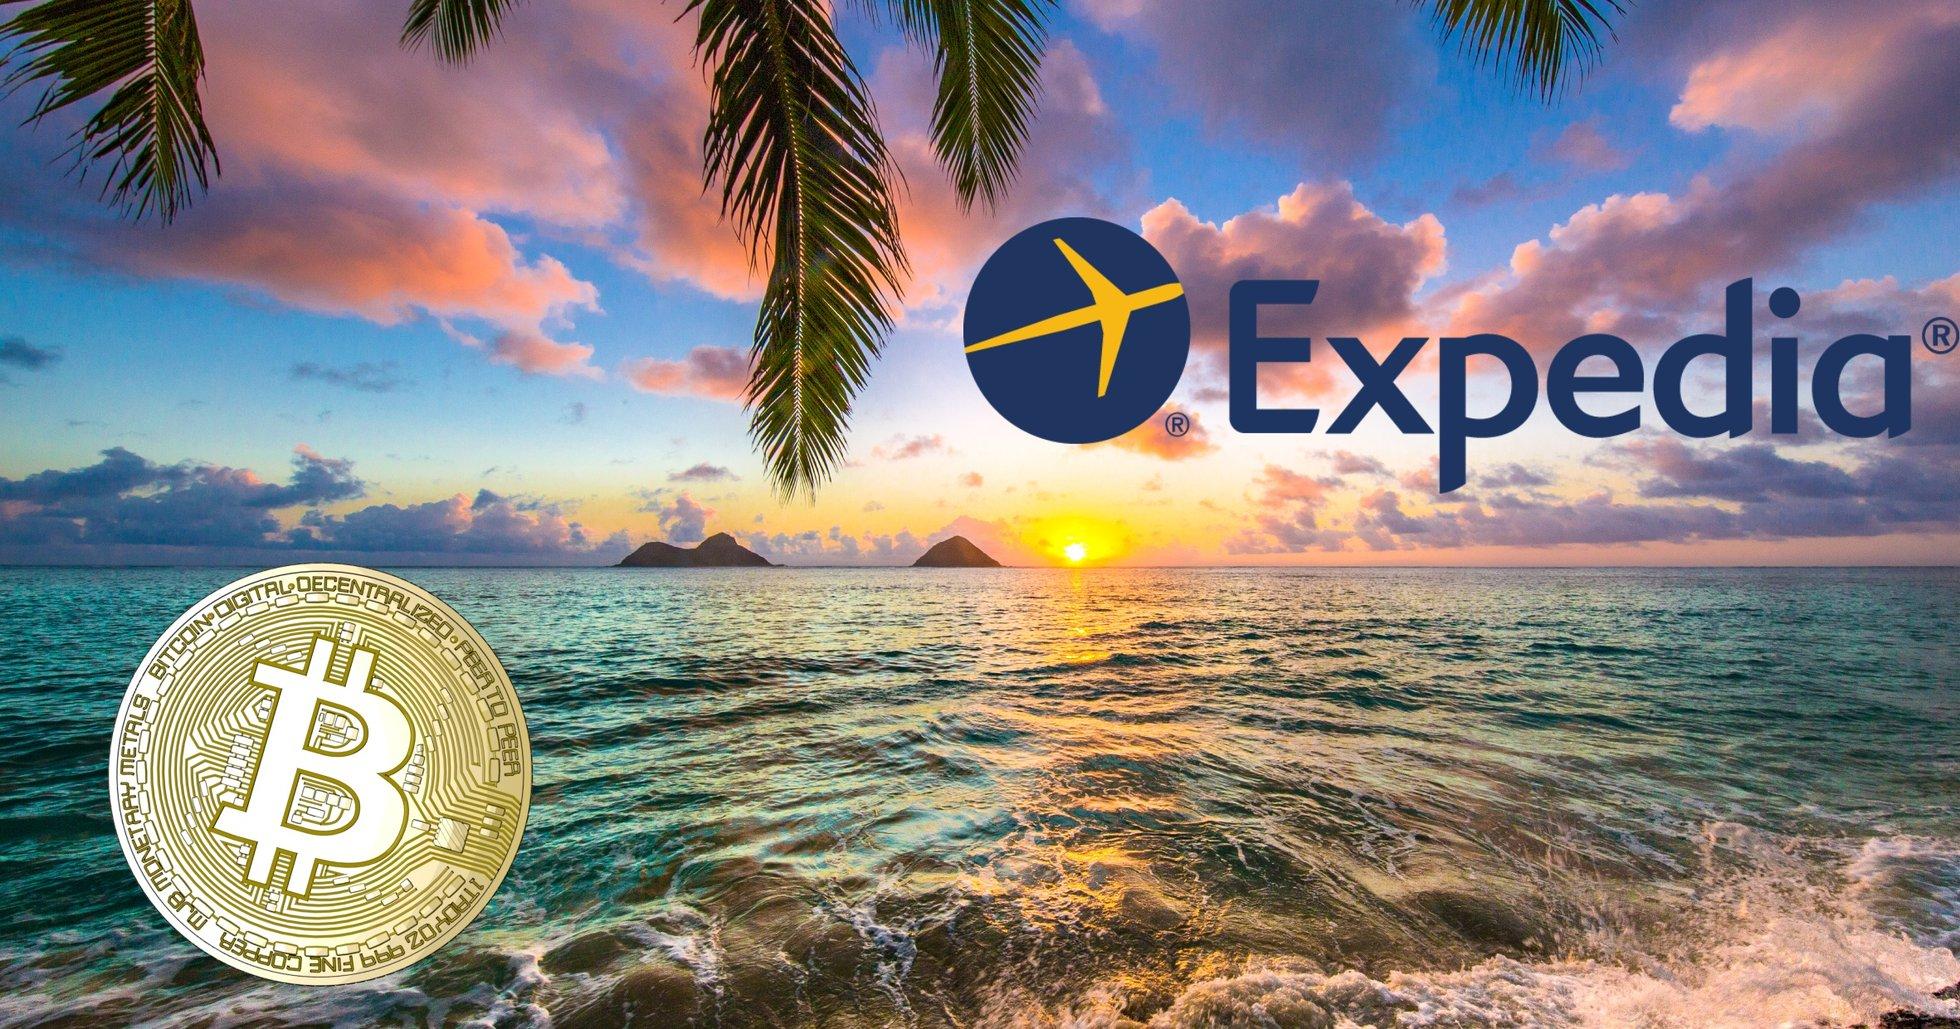 Efter nytt Expedia-samarbete: Nu kan du betala för semestern med bitcoin